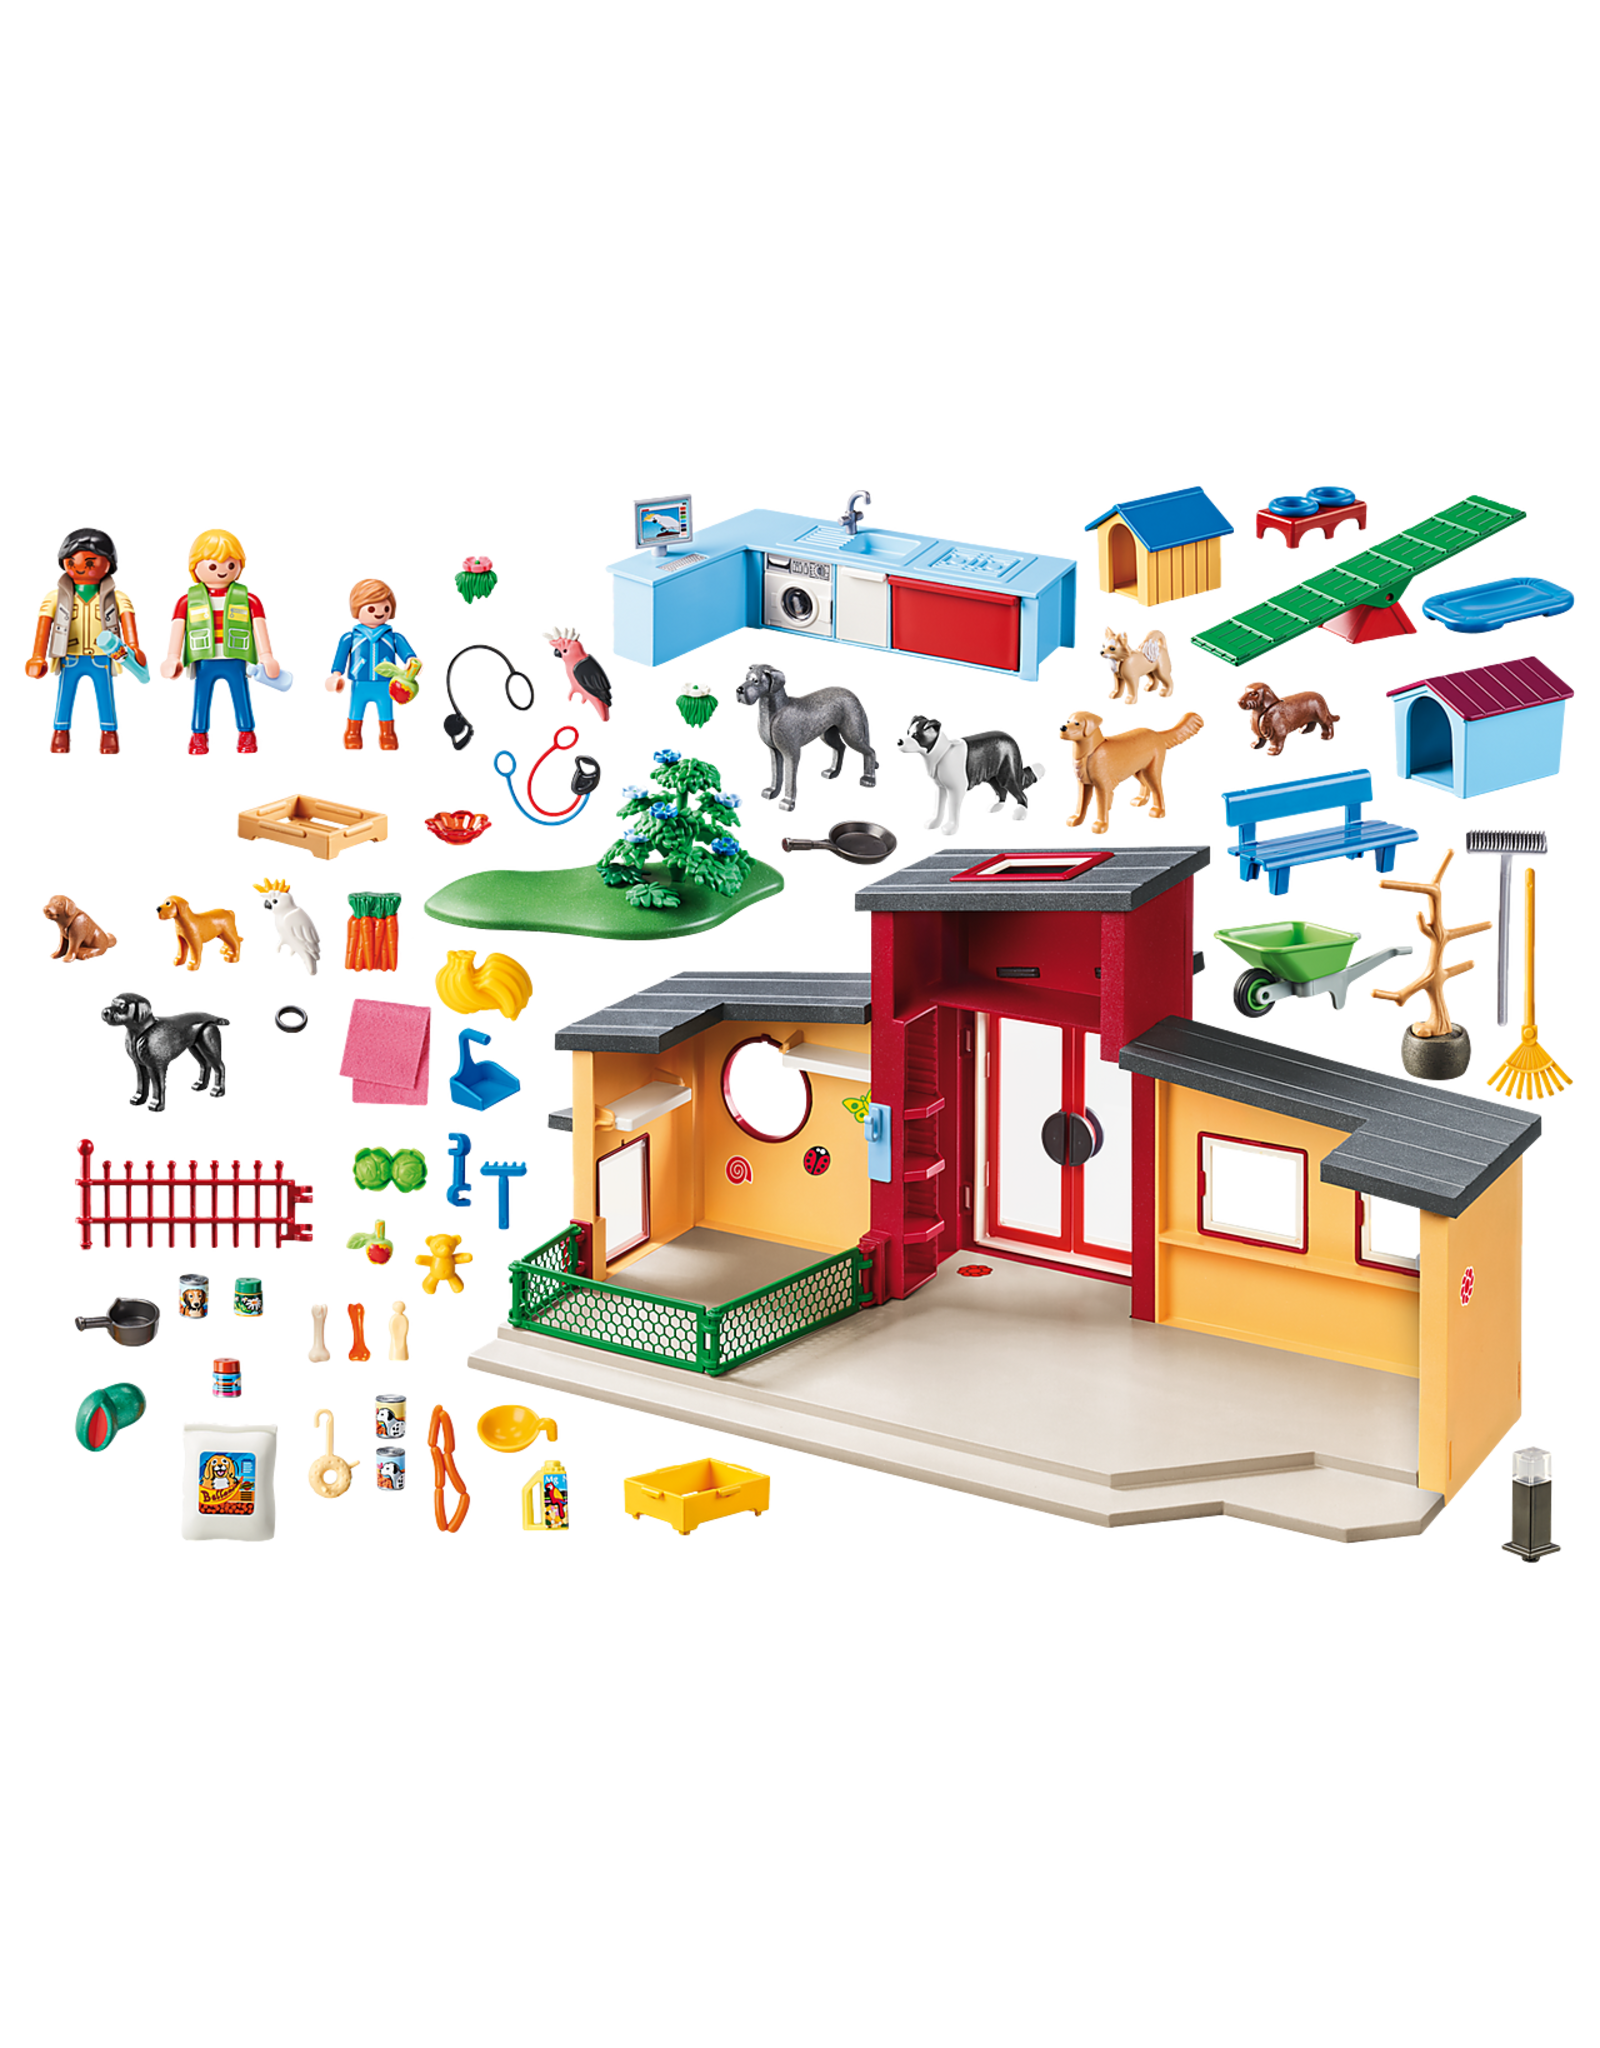 Playmobil Playmobil City Life 9275 Tiny Paws Pet Hotel